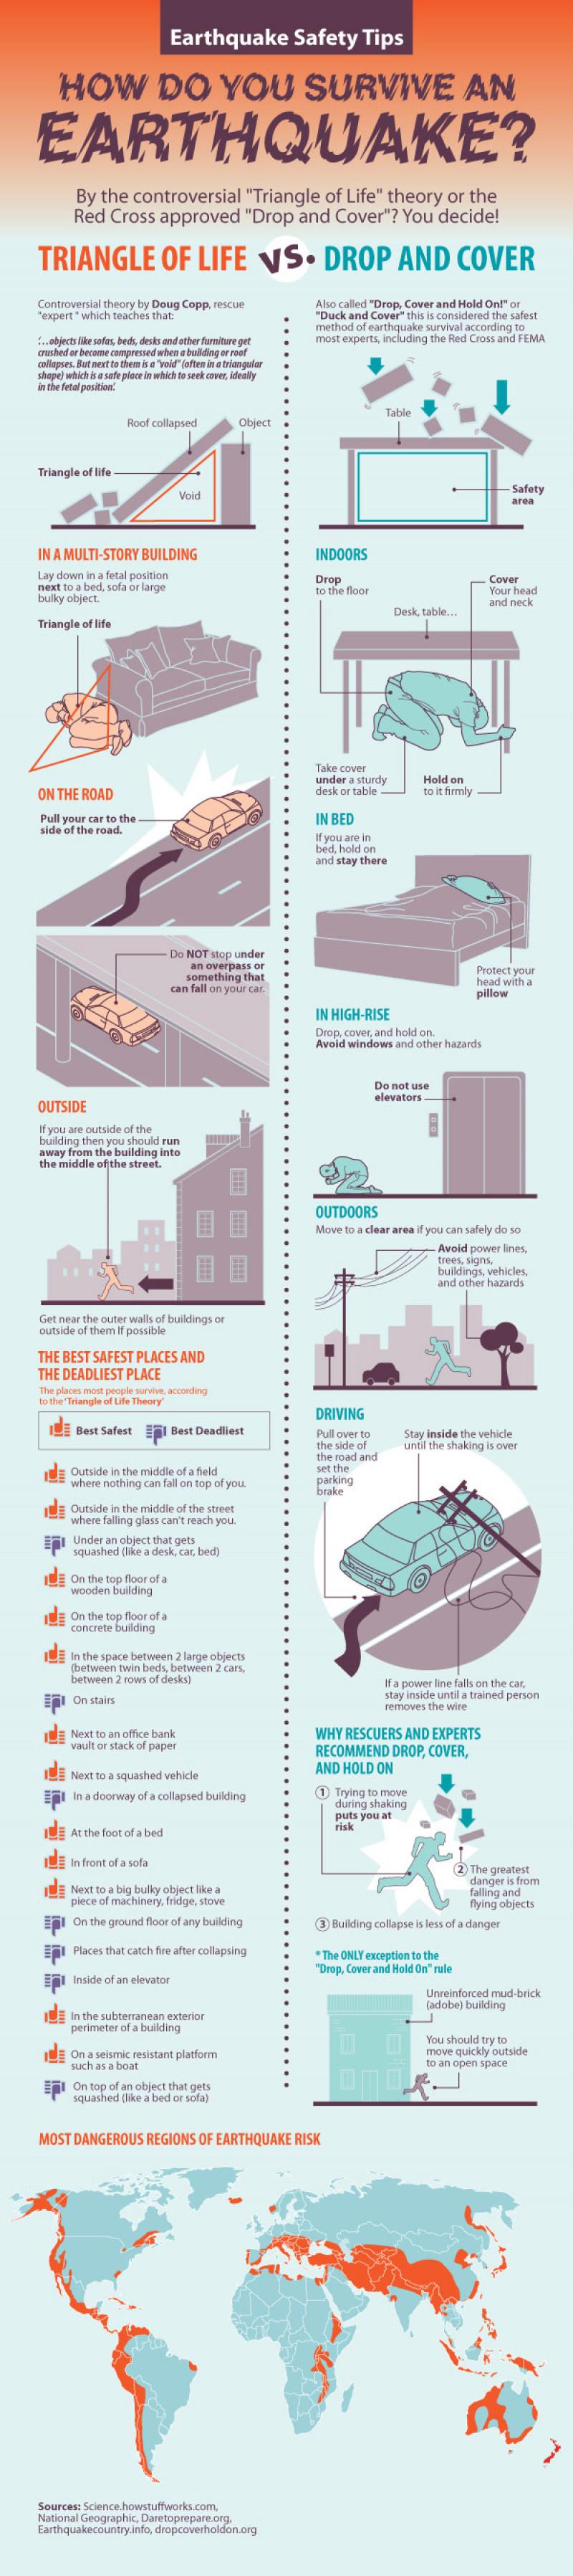 How Do You Survive An Earthquake: Tips